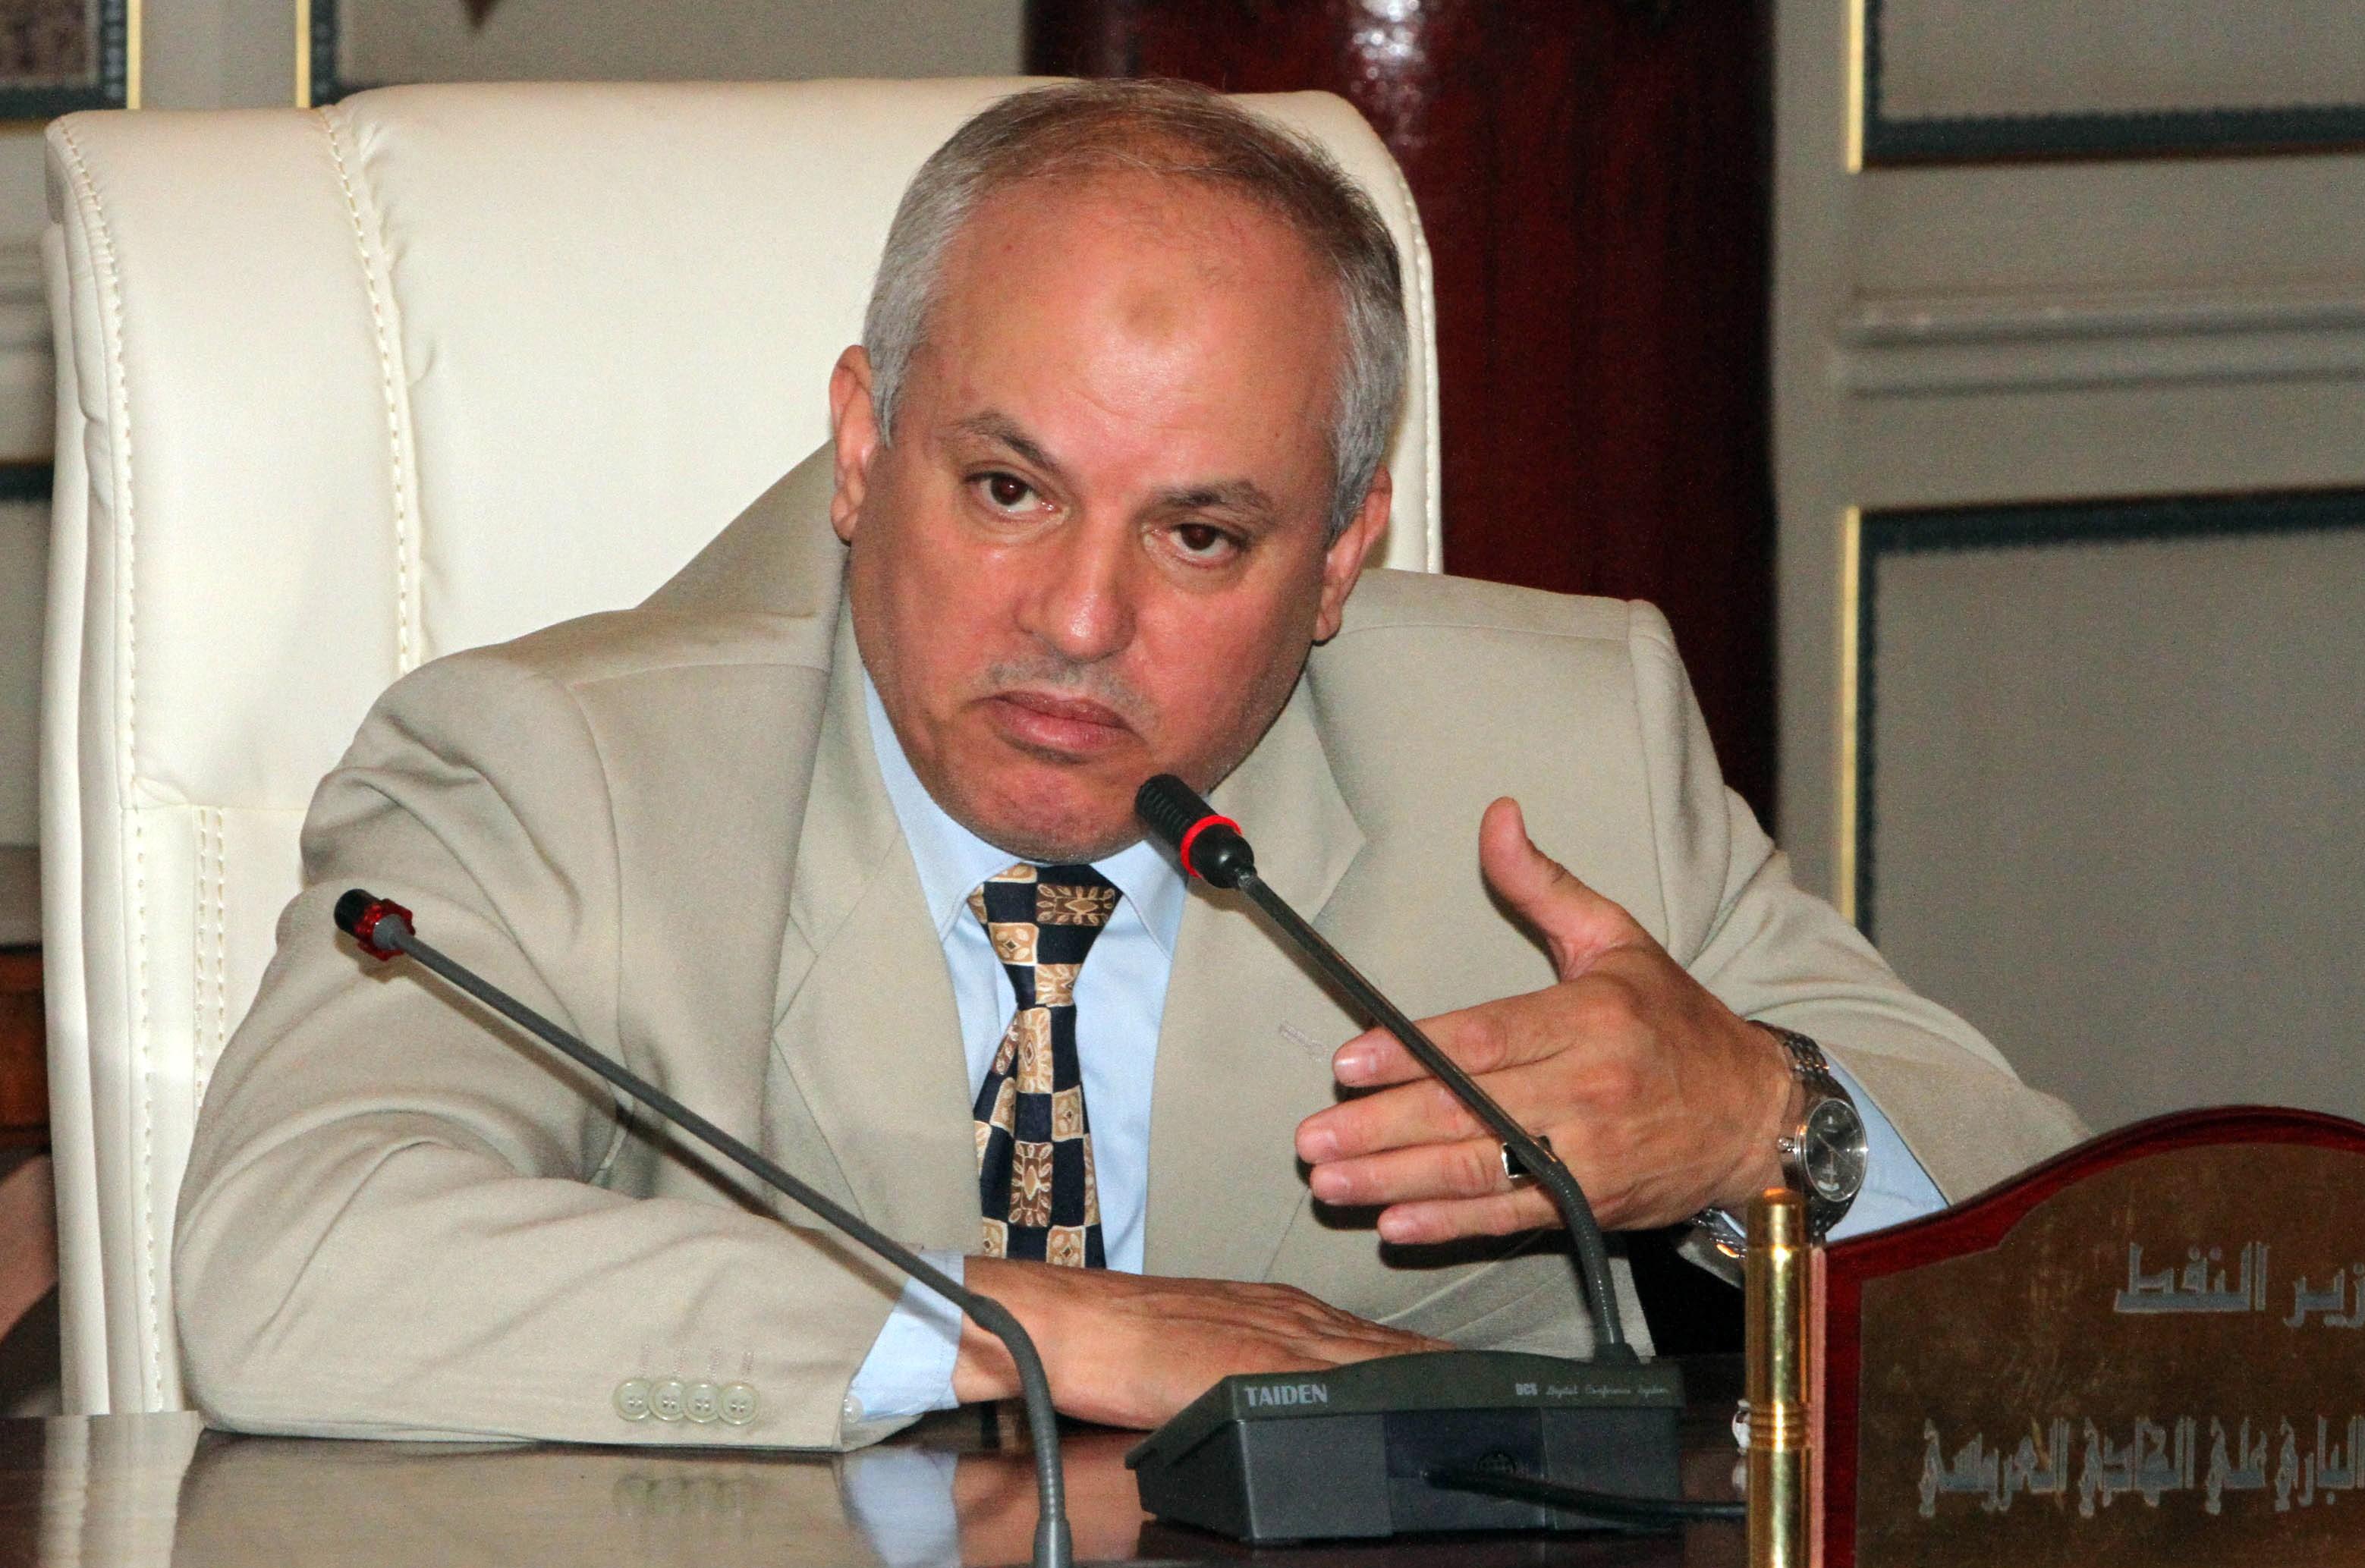 Premierul libian Ali Zeidan a fost eliberat. Un grup de fosti rebeli l-a rapit timp de cateva ore